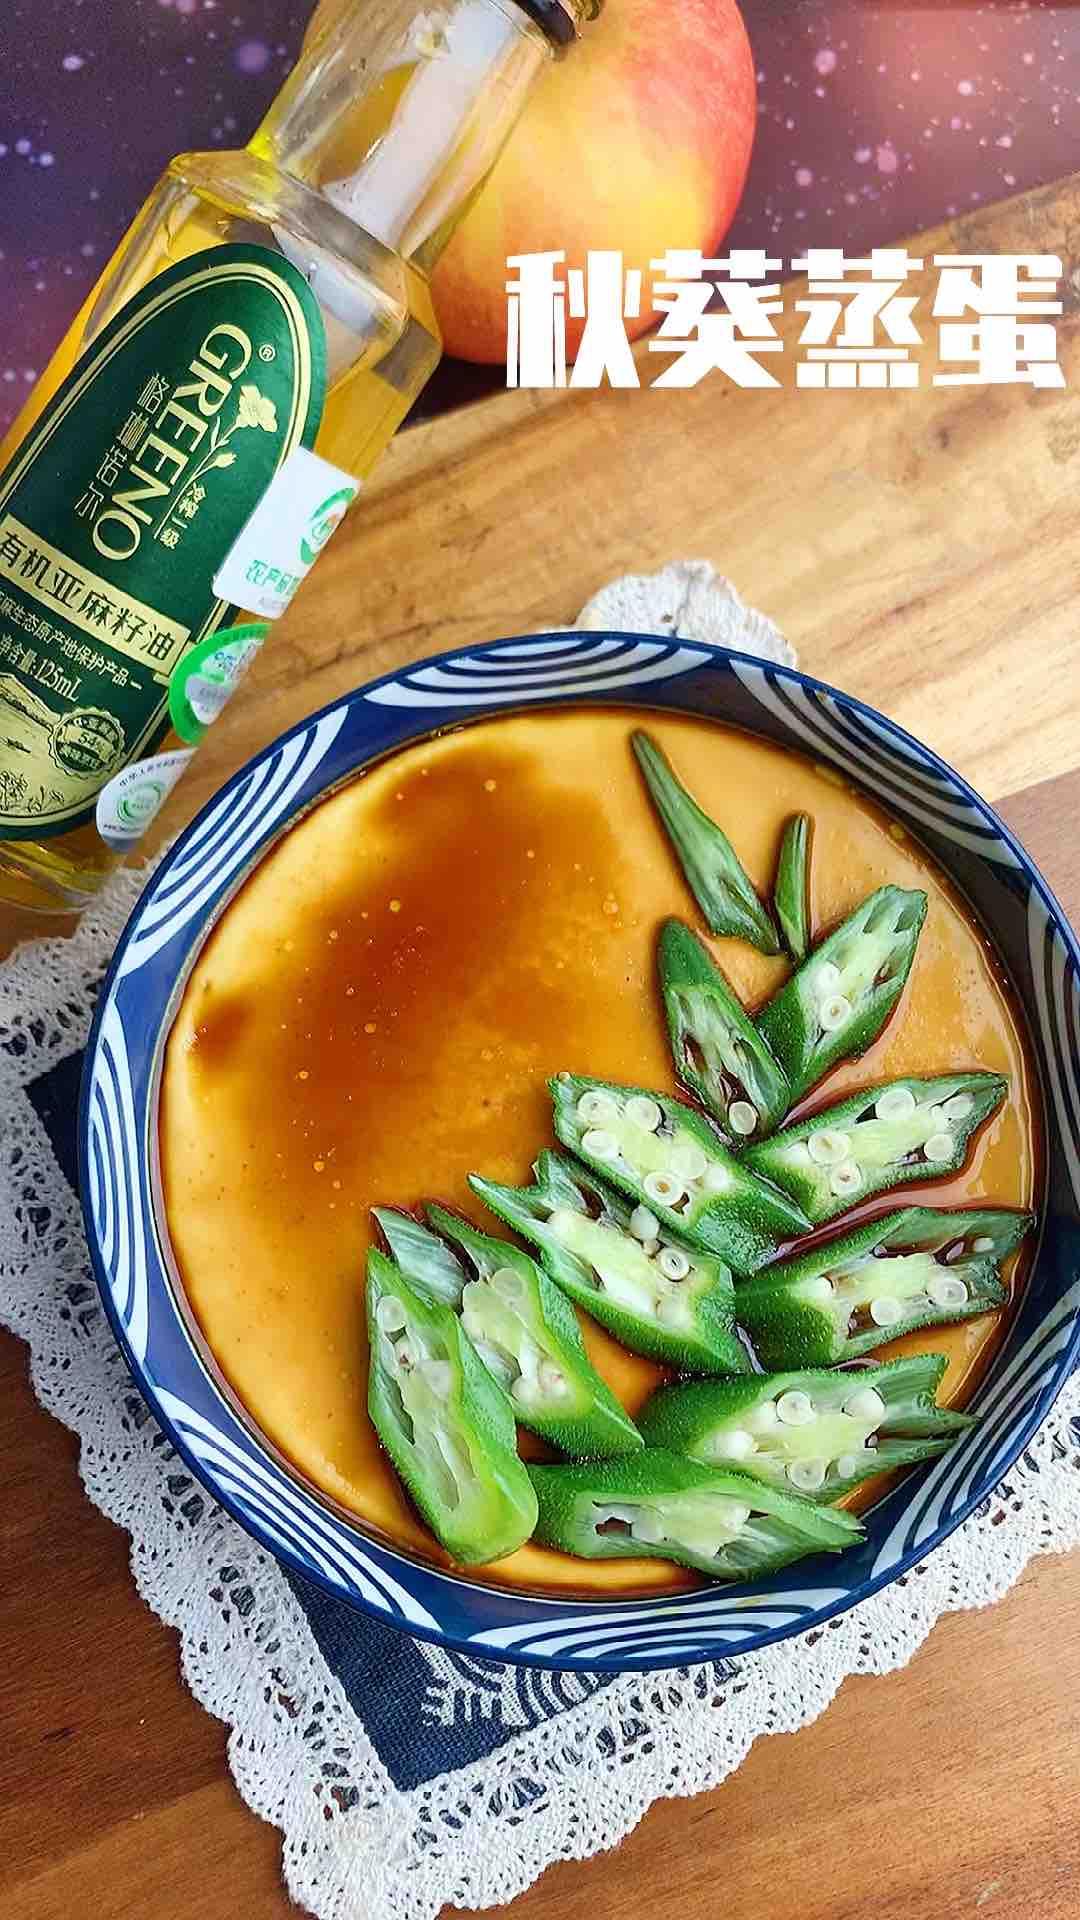 秋葵蒸鸡蛋的做法